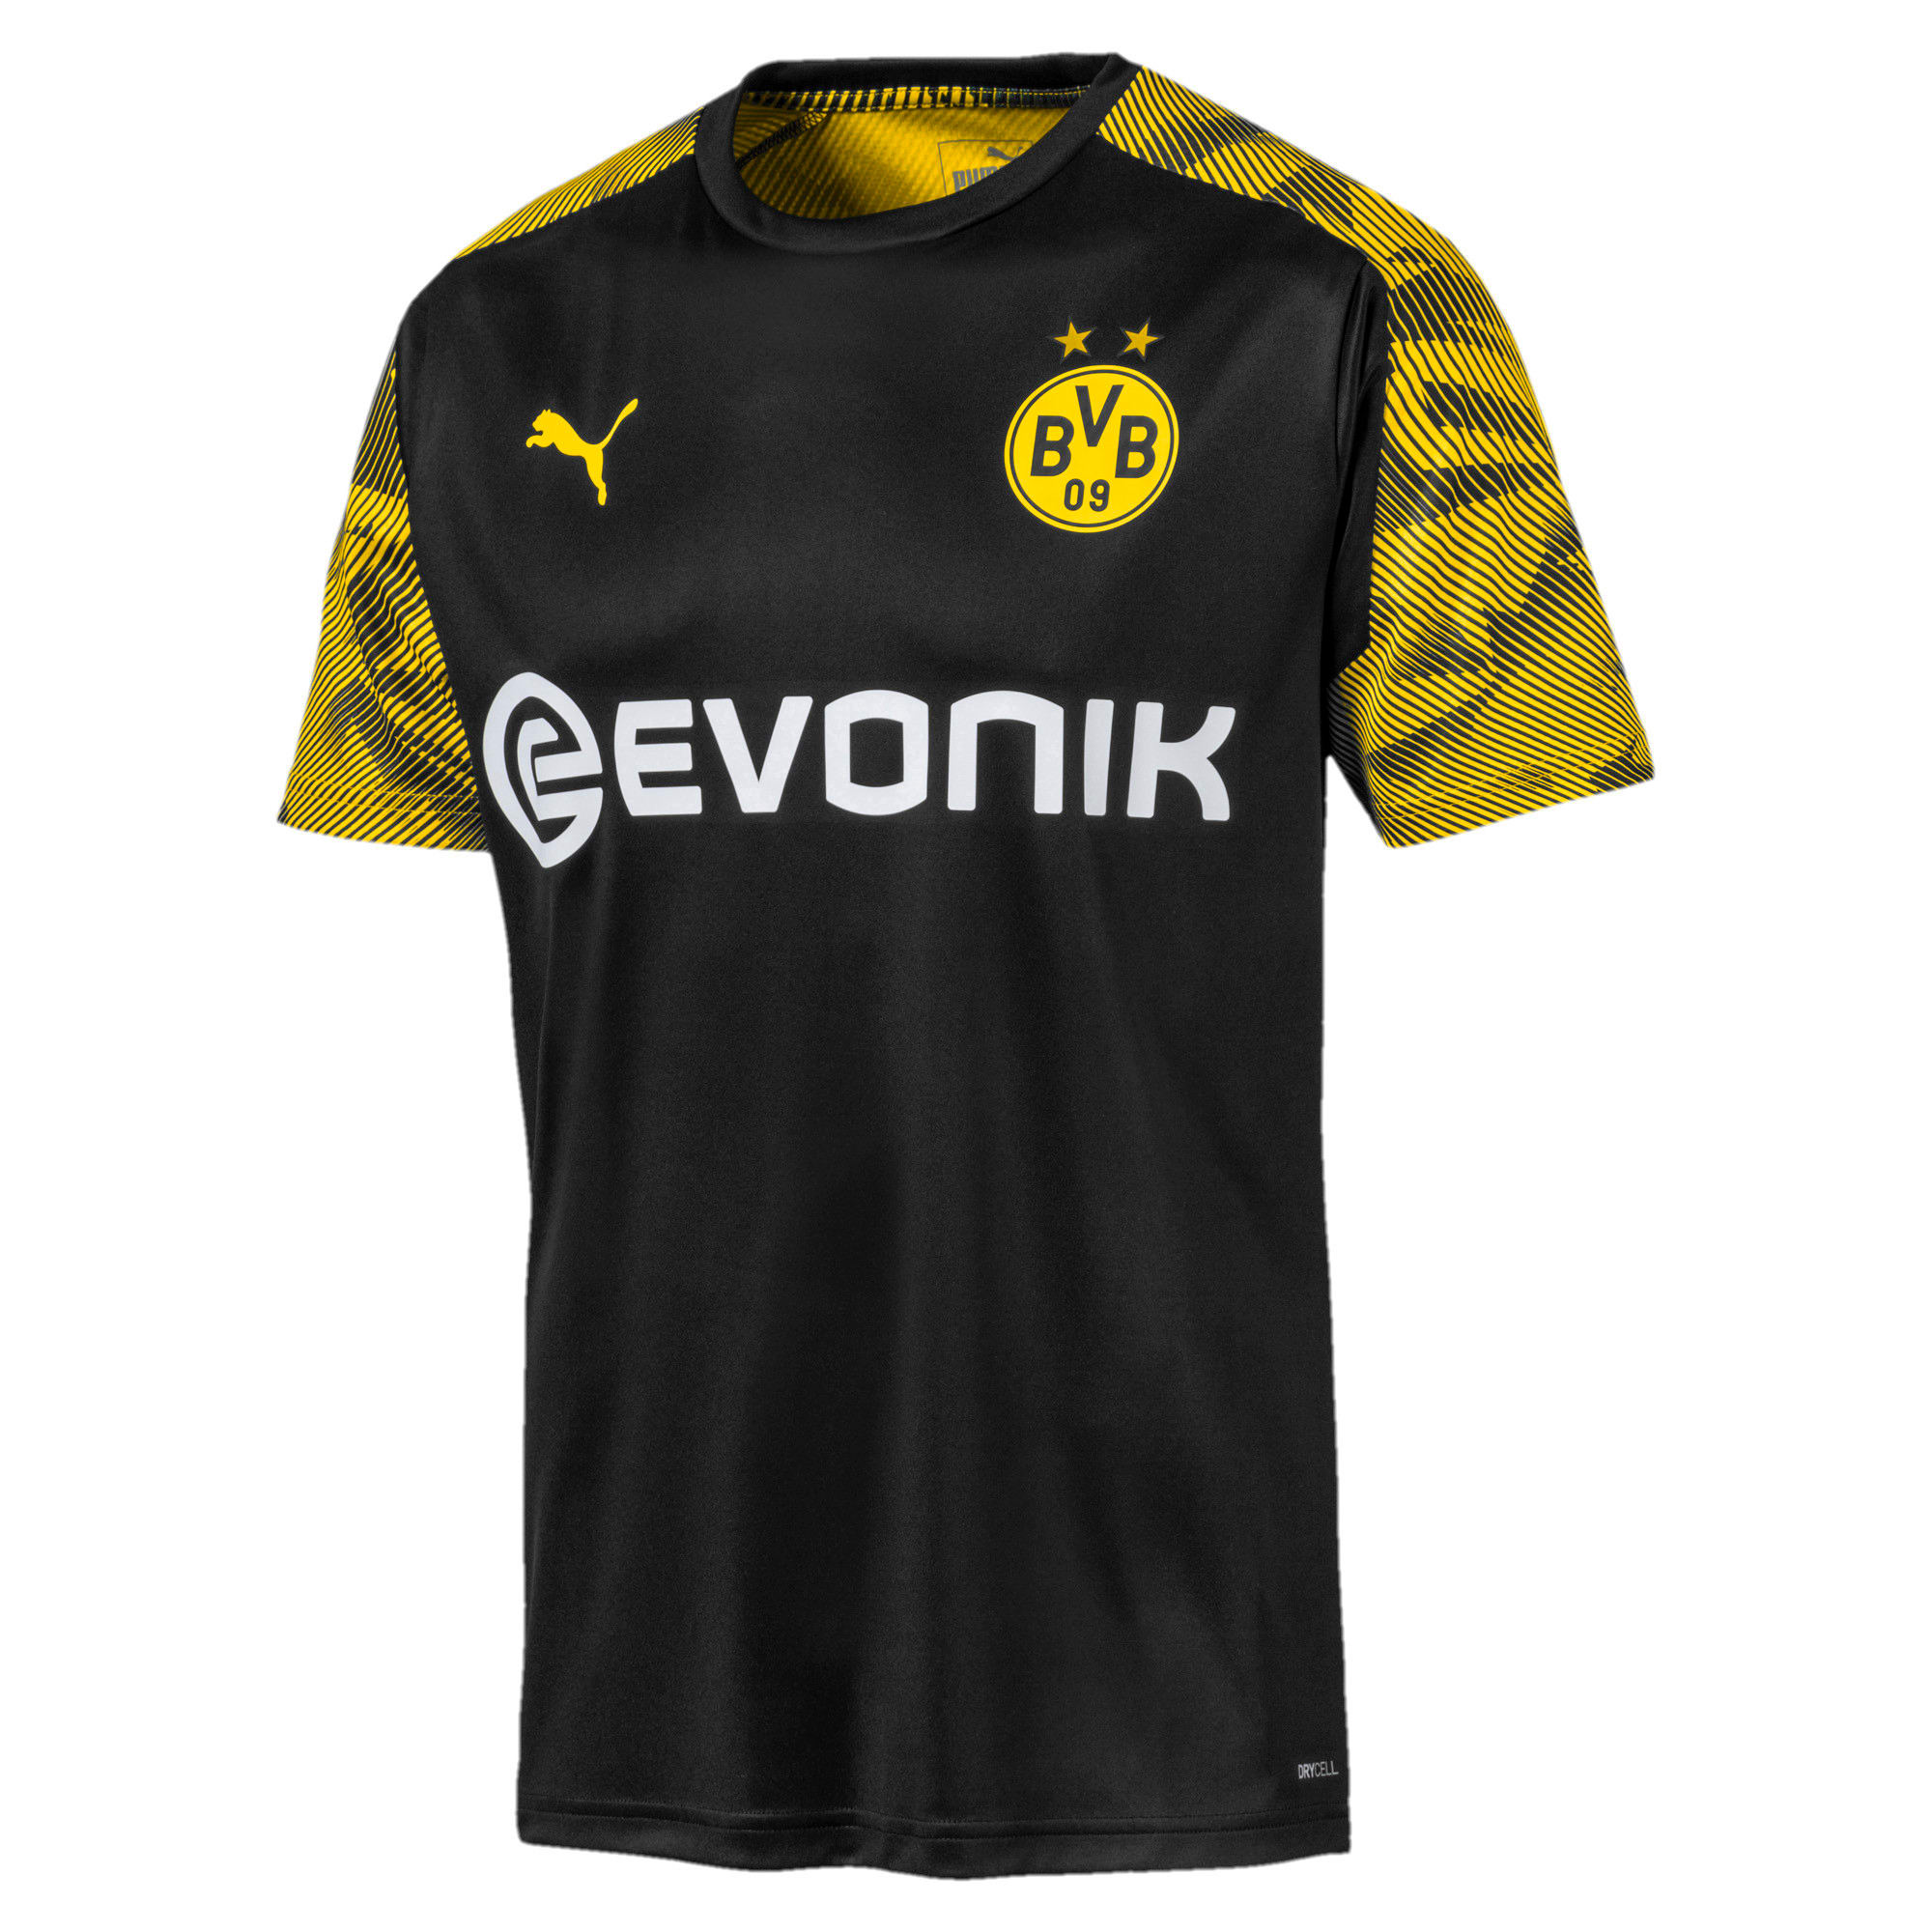 Miniatura 4 de Camiseta de entrenamiento BVB para hombre, Puma Black-Cyber Yellow, mediano